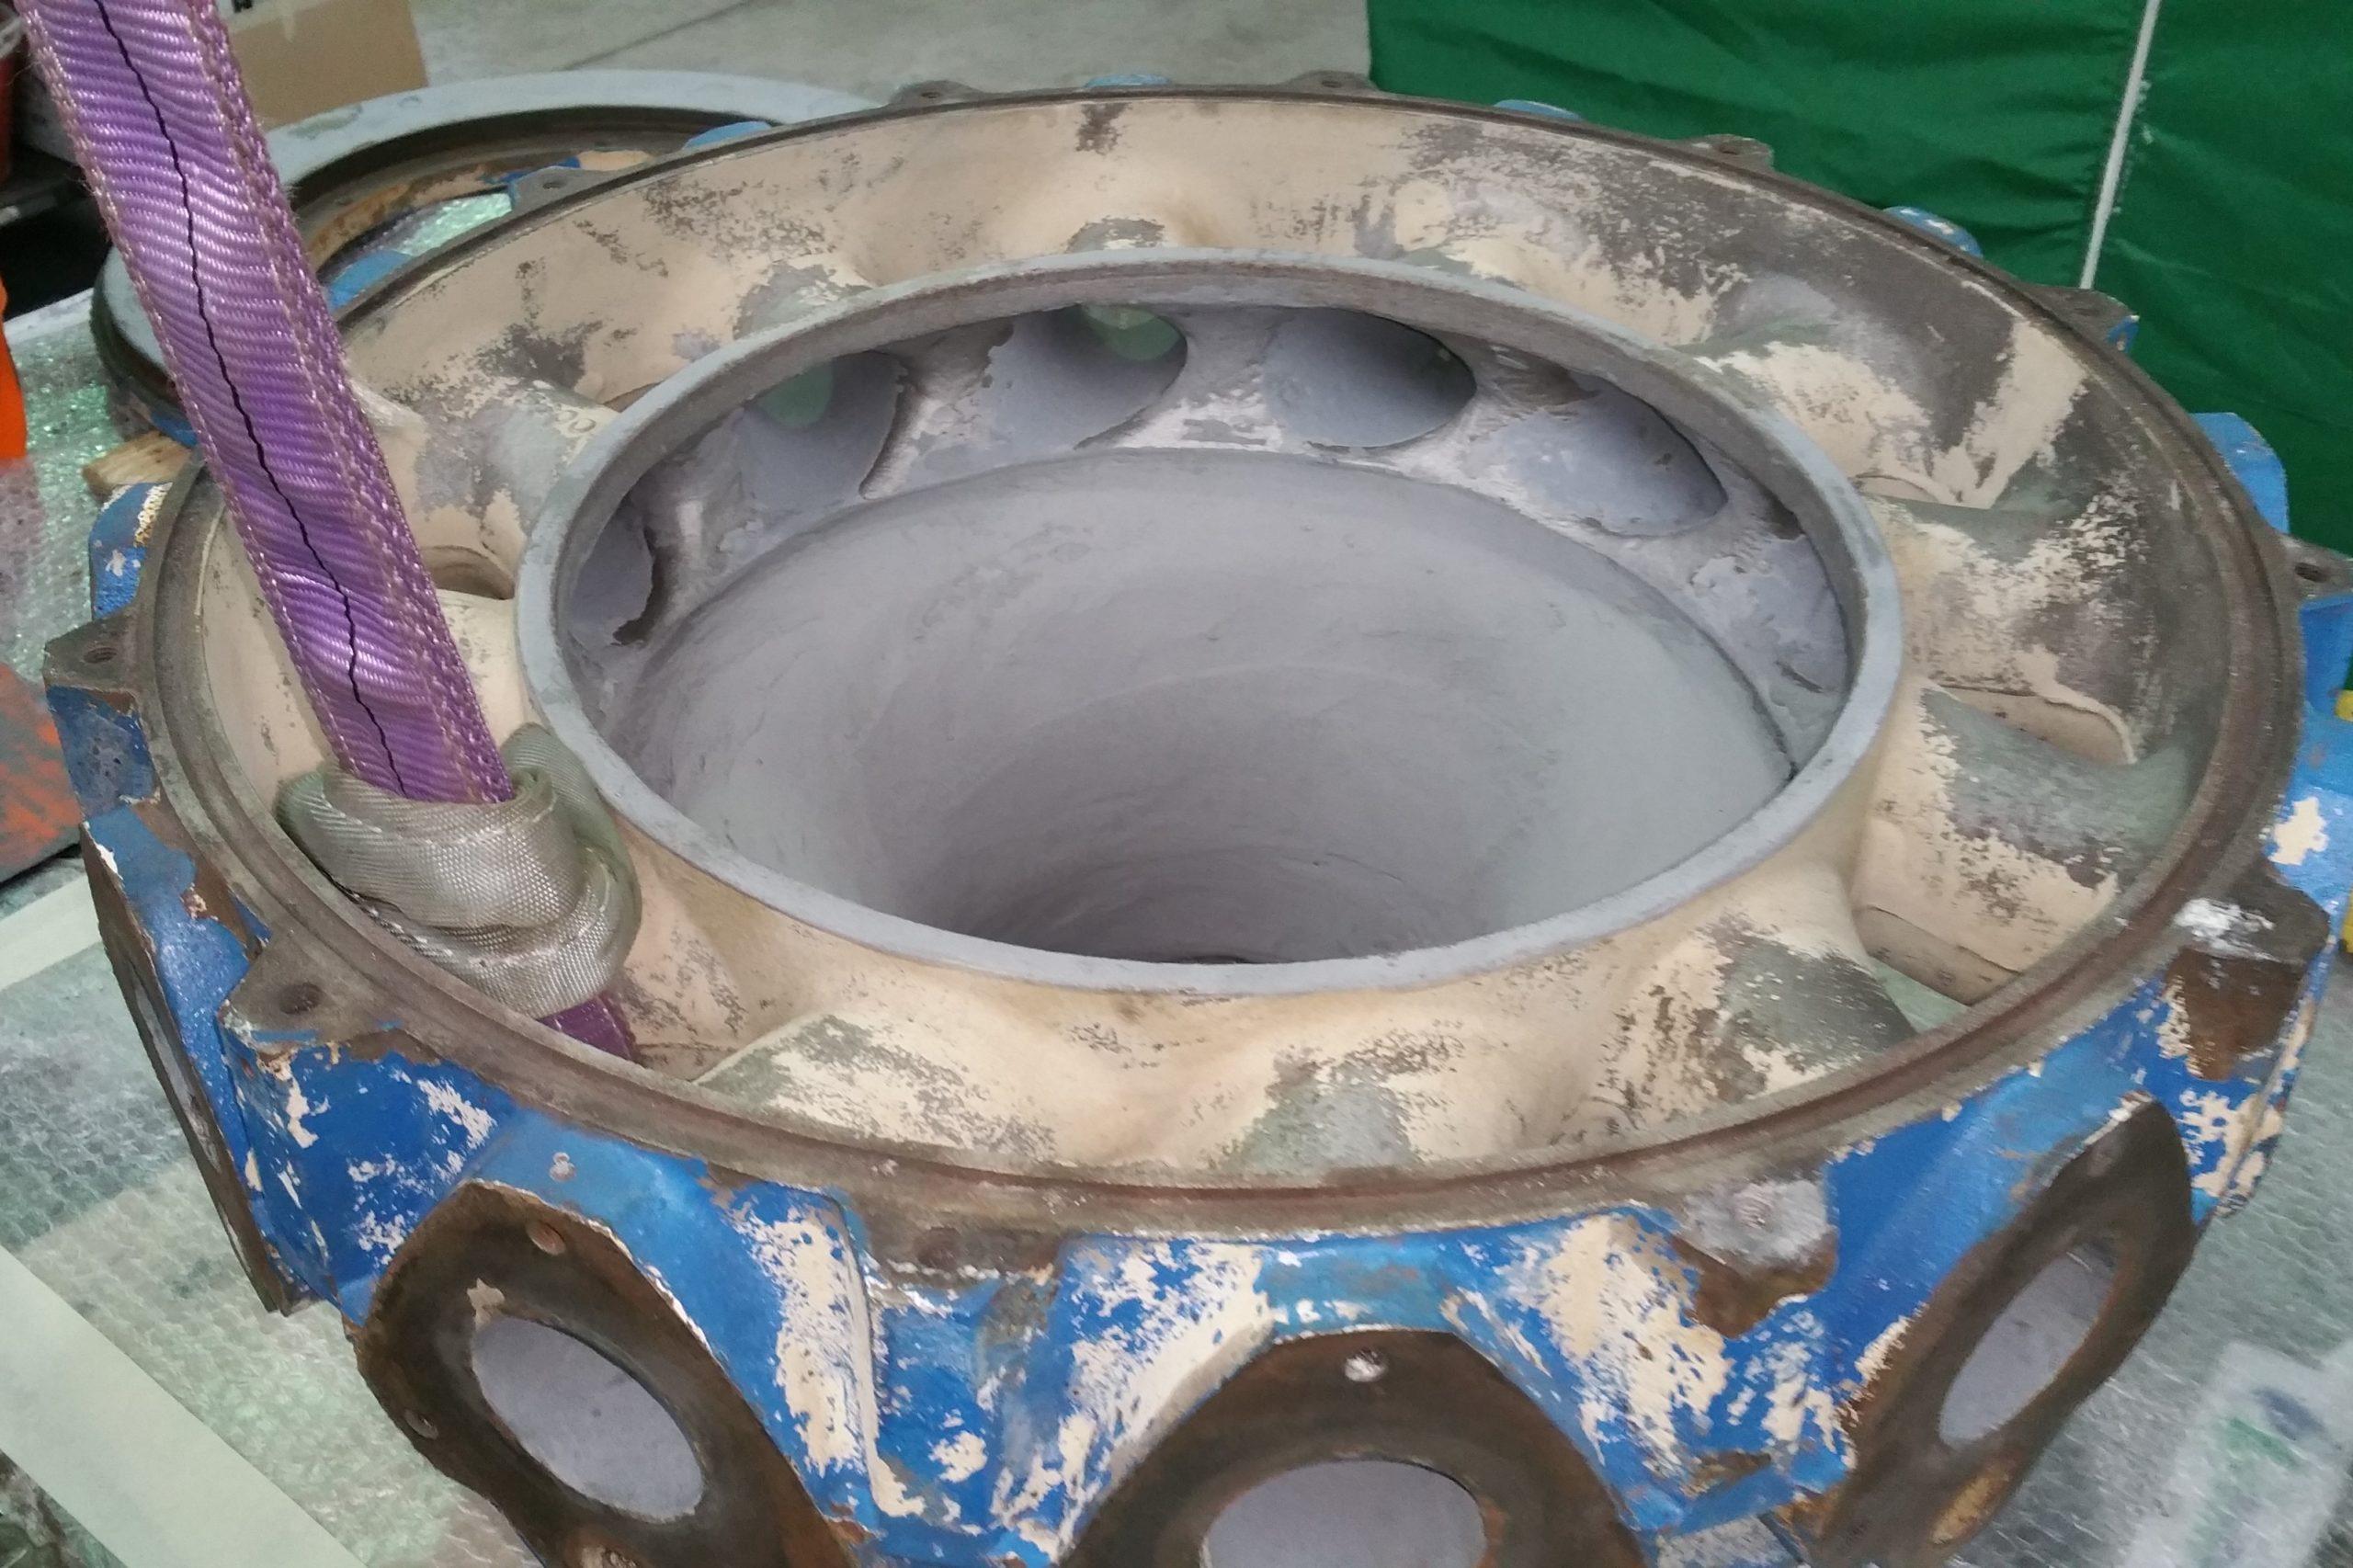 Belzona 1311 - Ricostruzione corpo pompa Ossimix 2